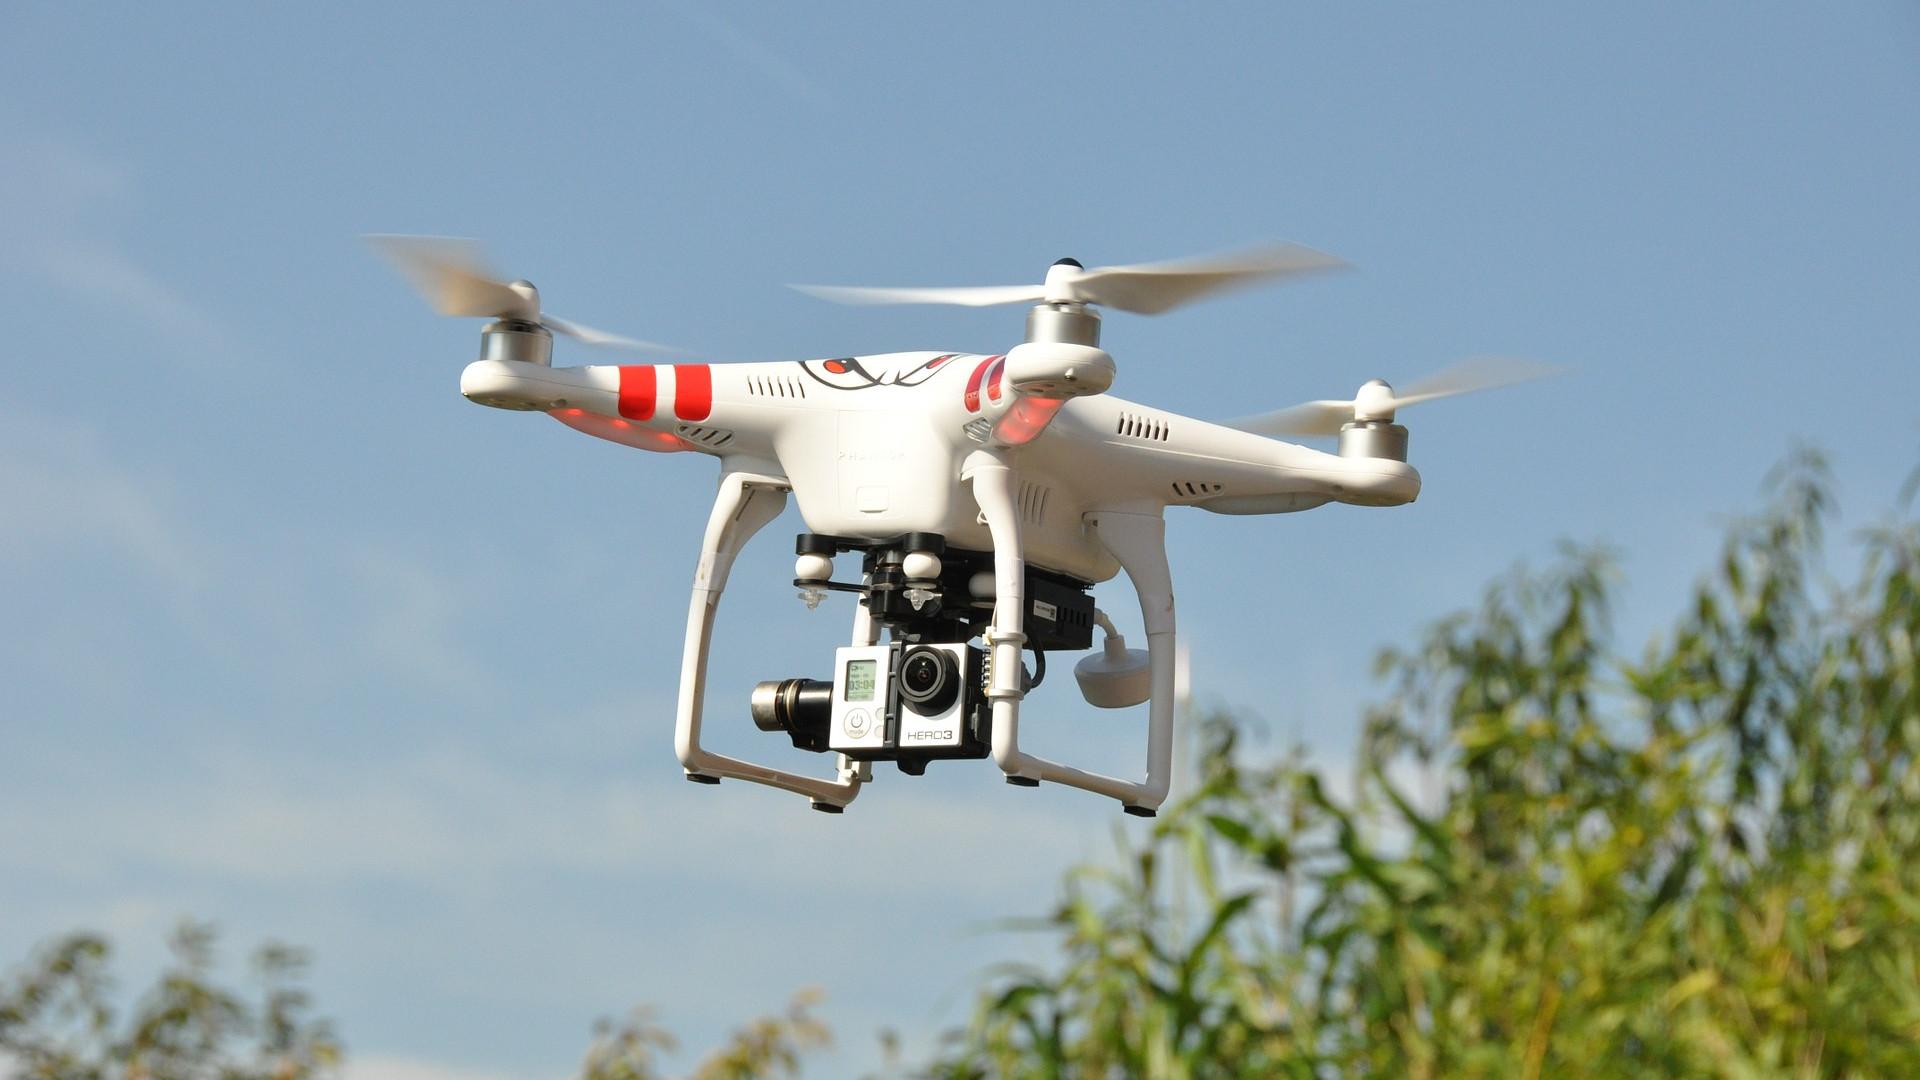 Légi videó készítés